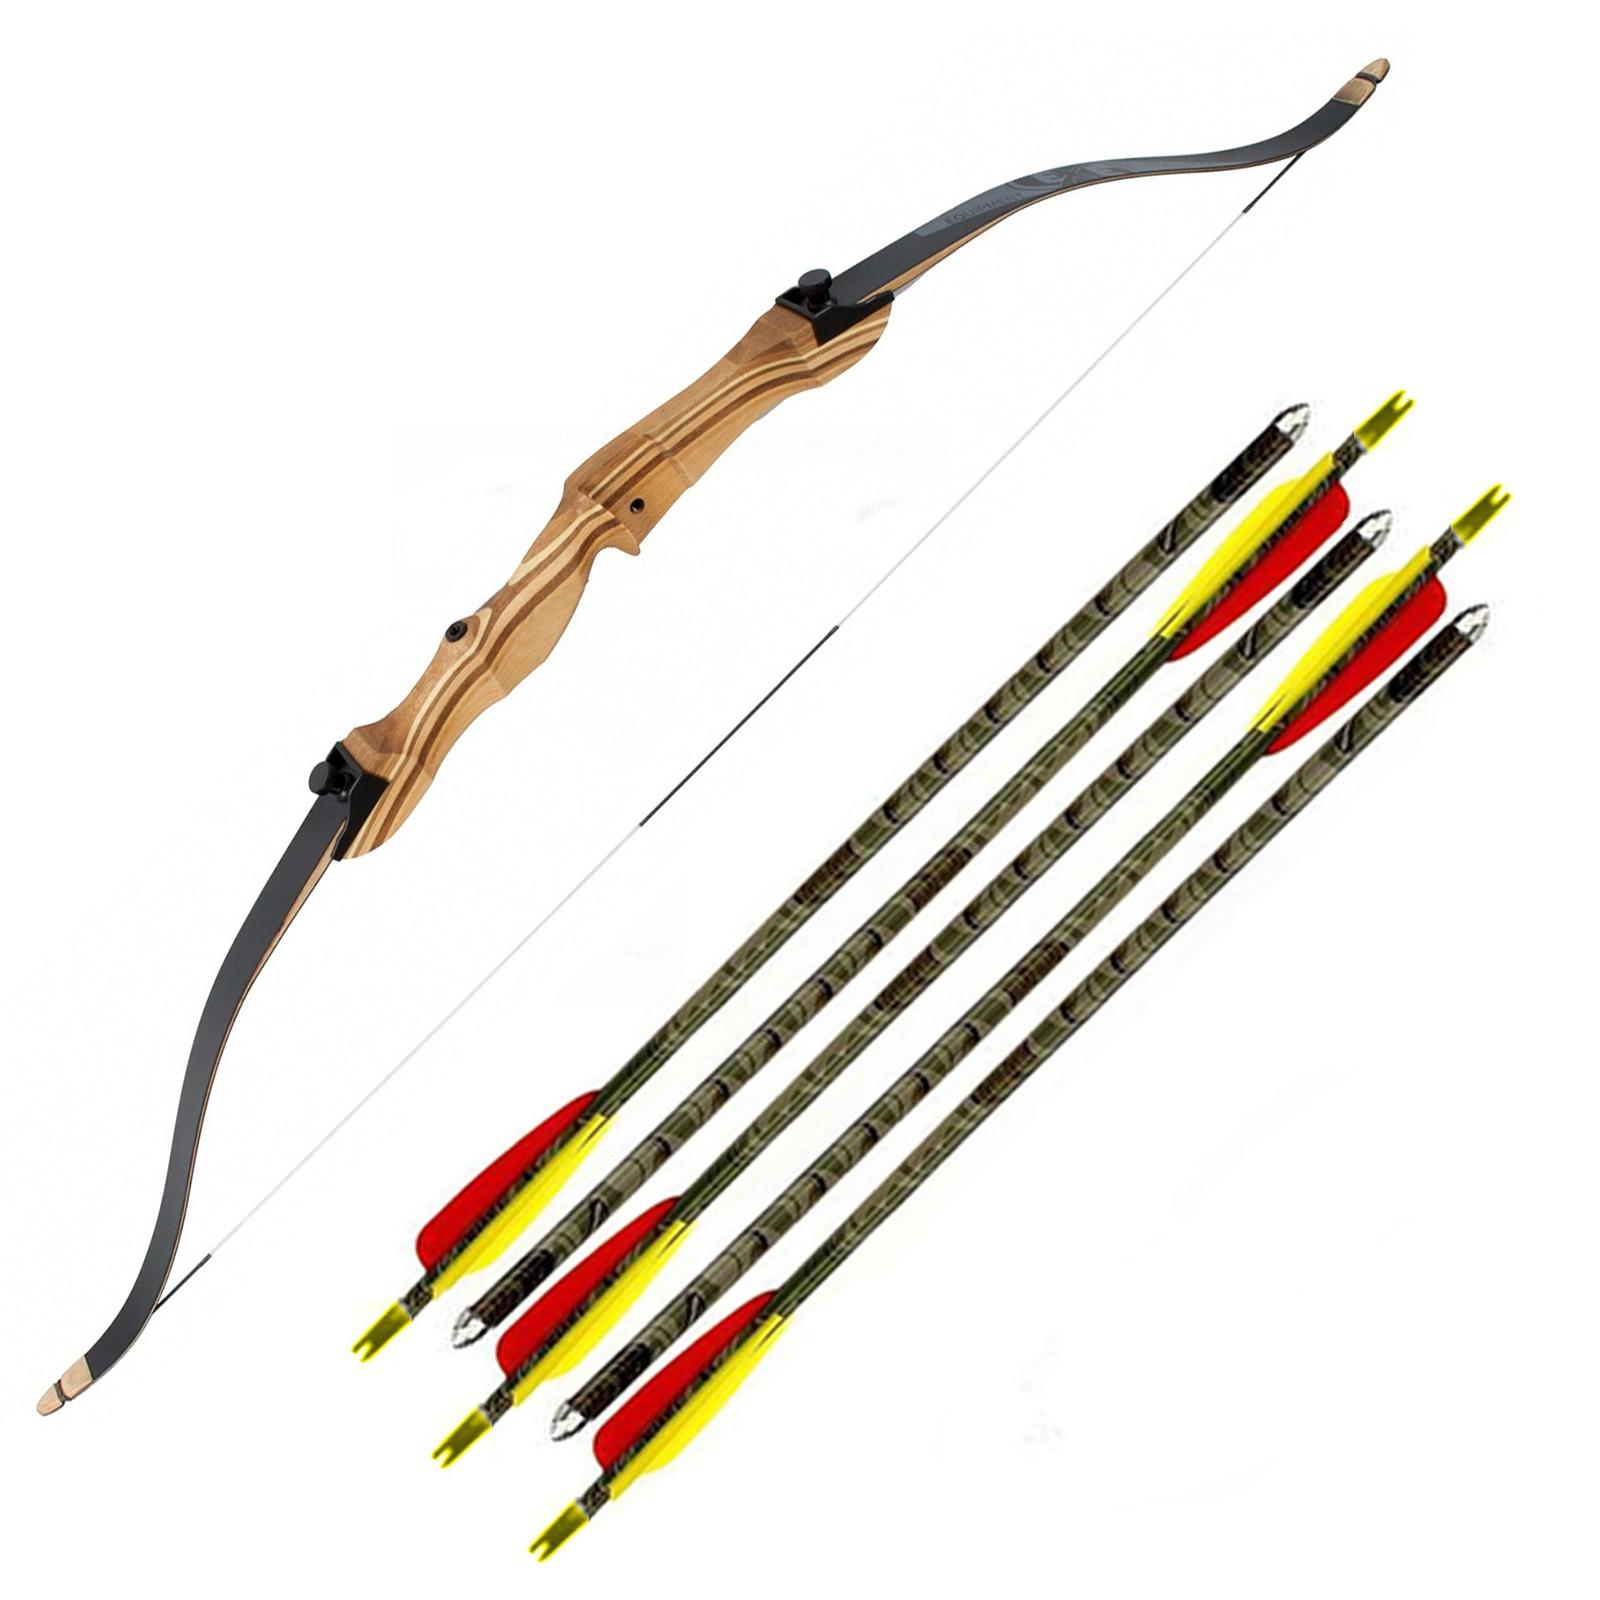 Kit arco ricurvo 54 pollici libbraggio 18 Frecce alluminio 29 pollici mimetiche